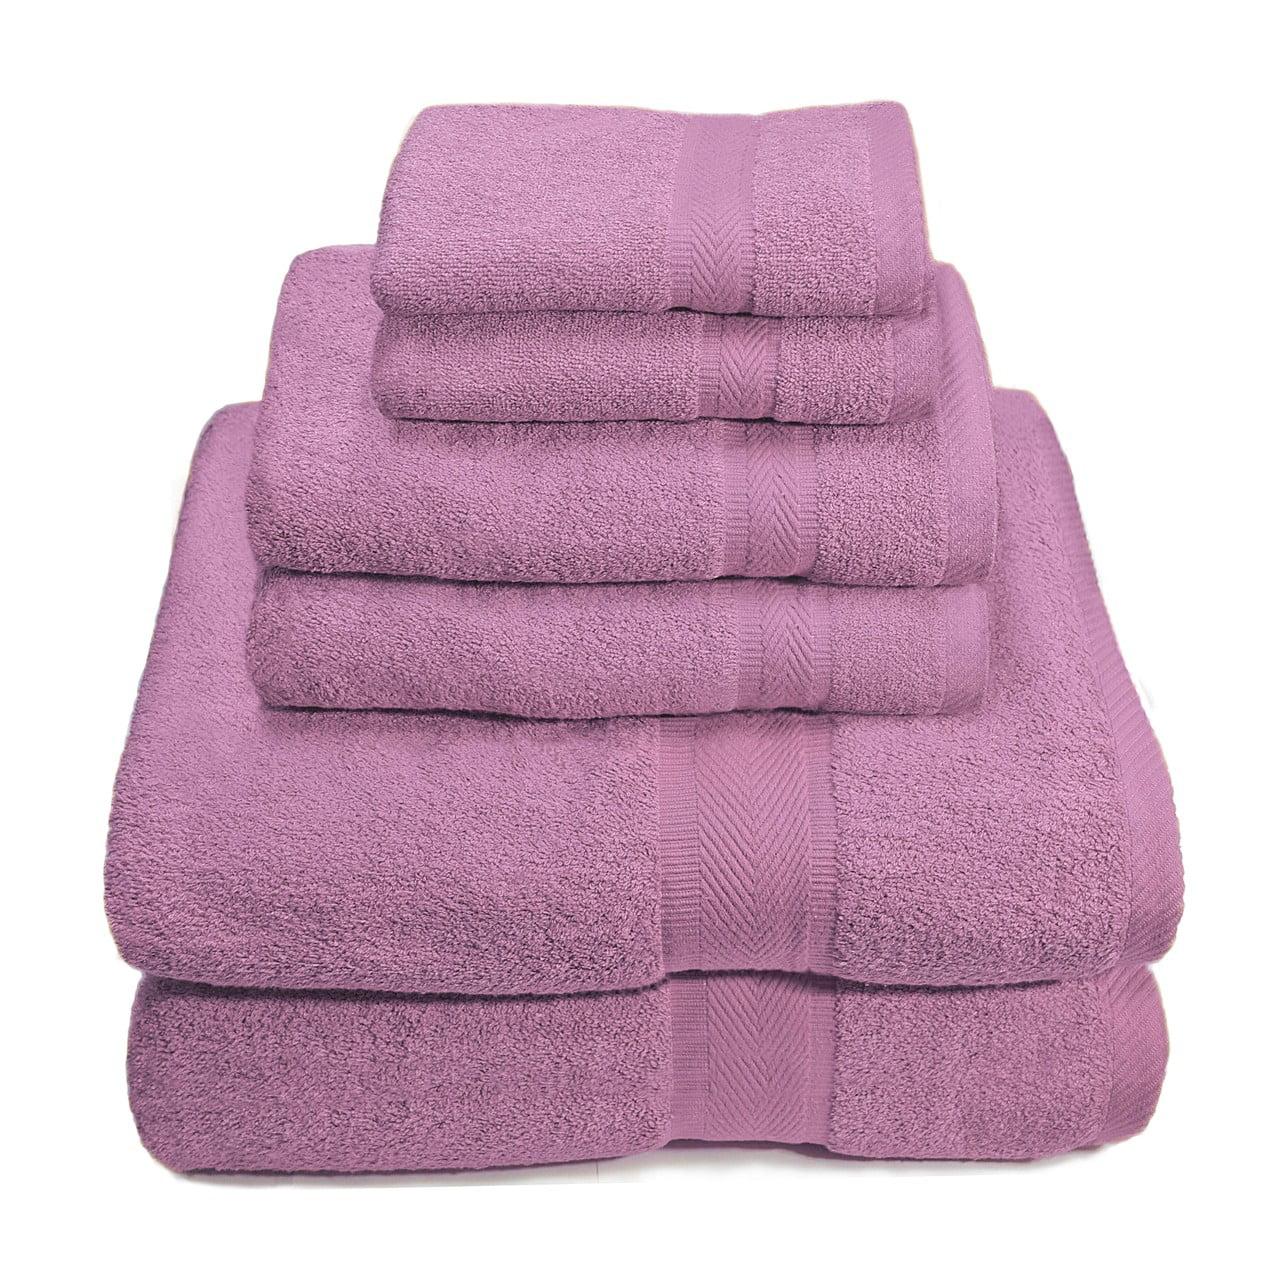 6 Piece Premium Egyptian Cotton Towel Set, Bath Towels, Hand Towels, Wash Cloths - Gray